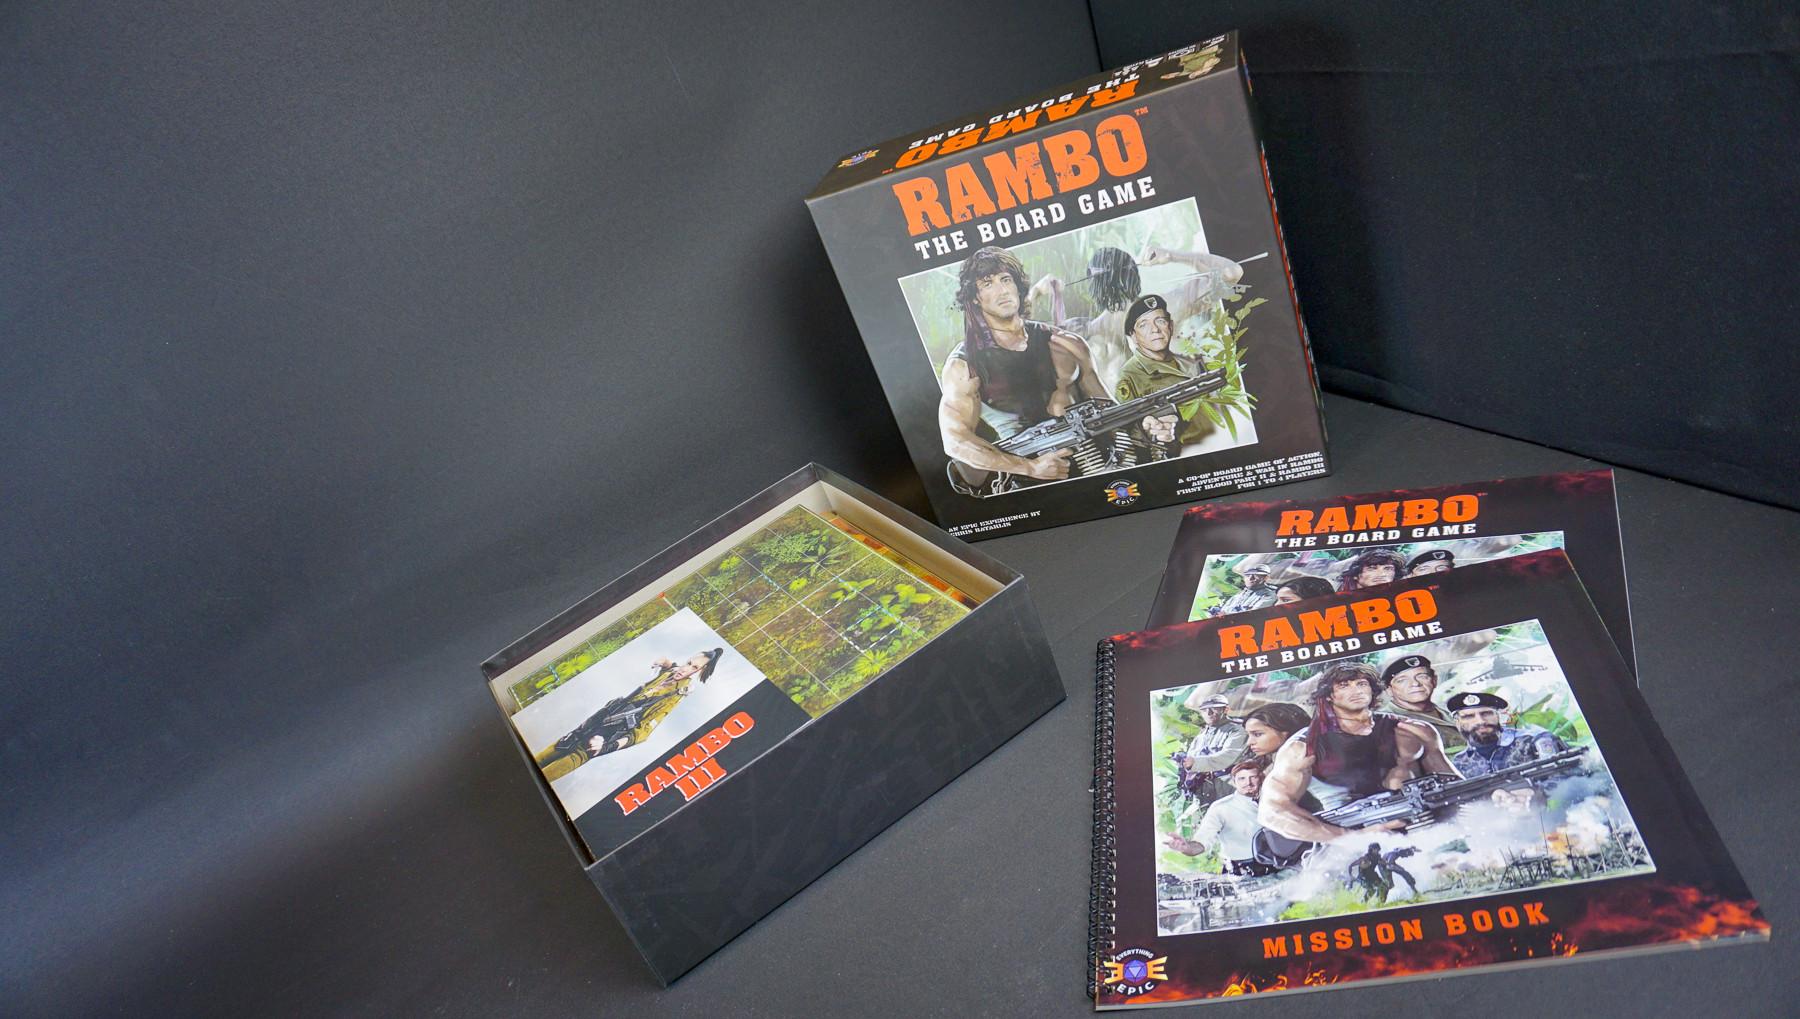 Rambo_03-11.jpg